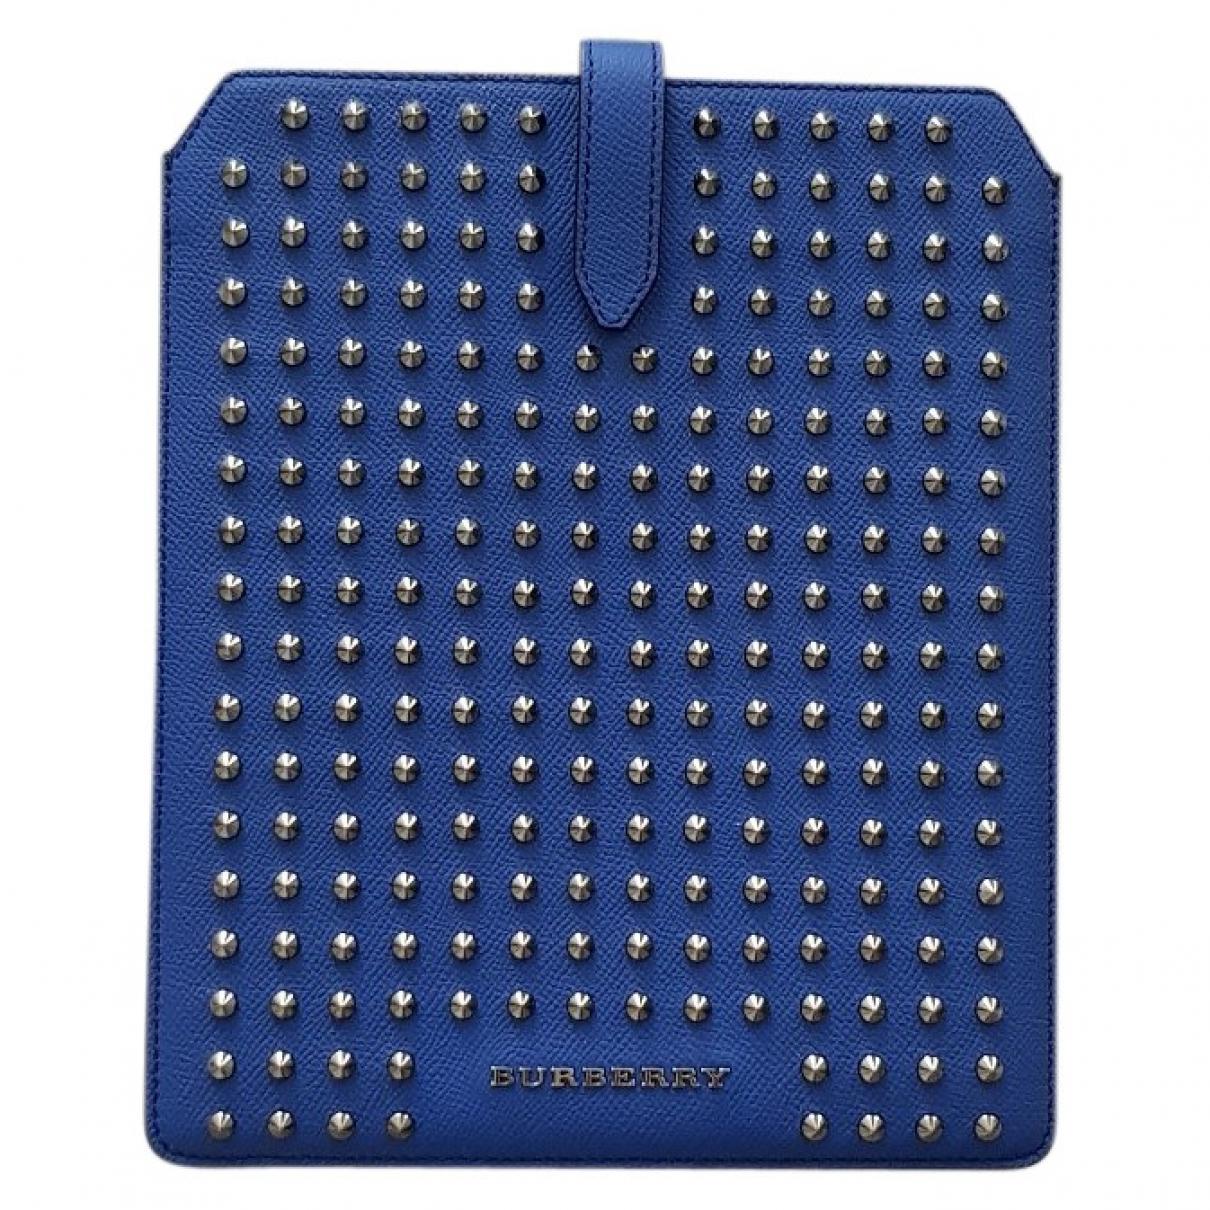 Burberry - Accessoires   pour lifestyle en cuir - bleu